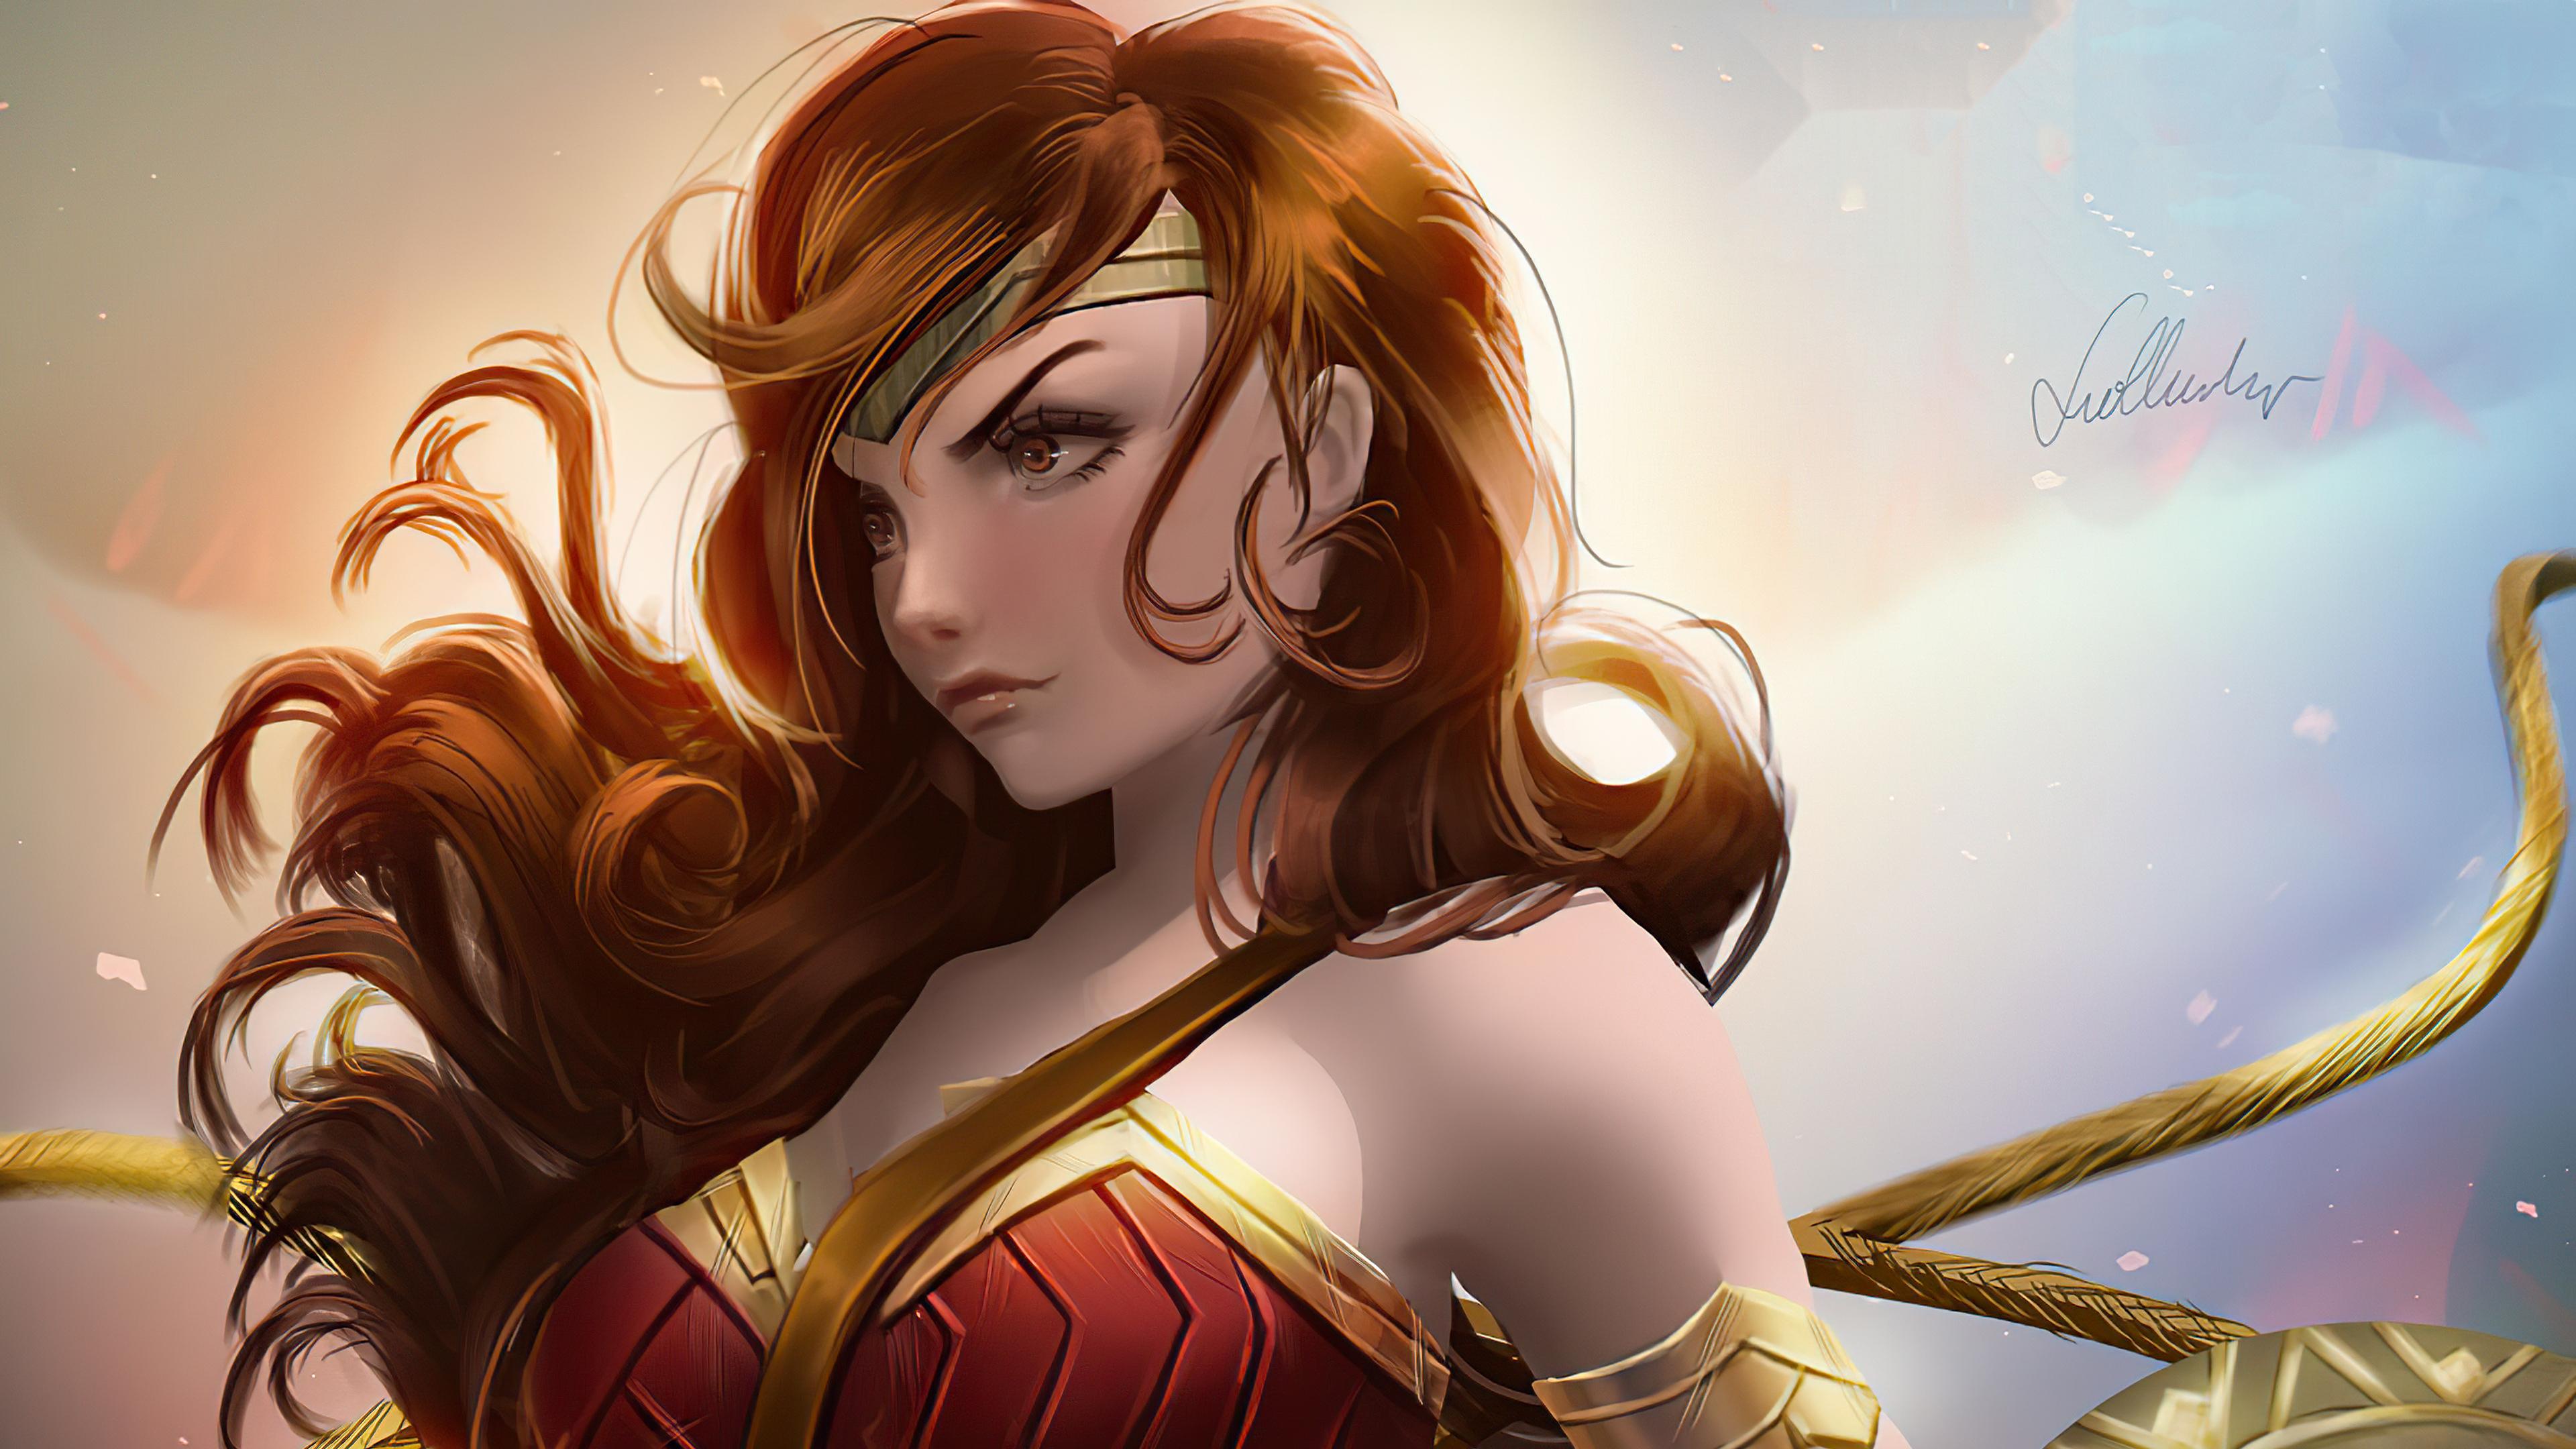 wonder woman fan digital art 4k 1616955055 - Wonder Woman Fan Digital Art 4k - Wonder Woman Fan Digital Art 4k wallpapers